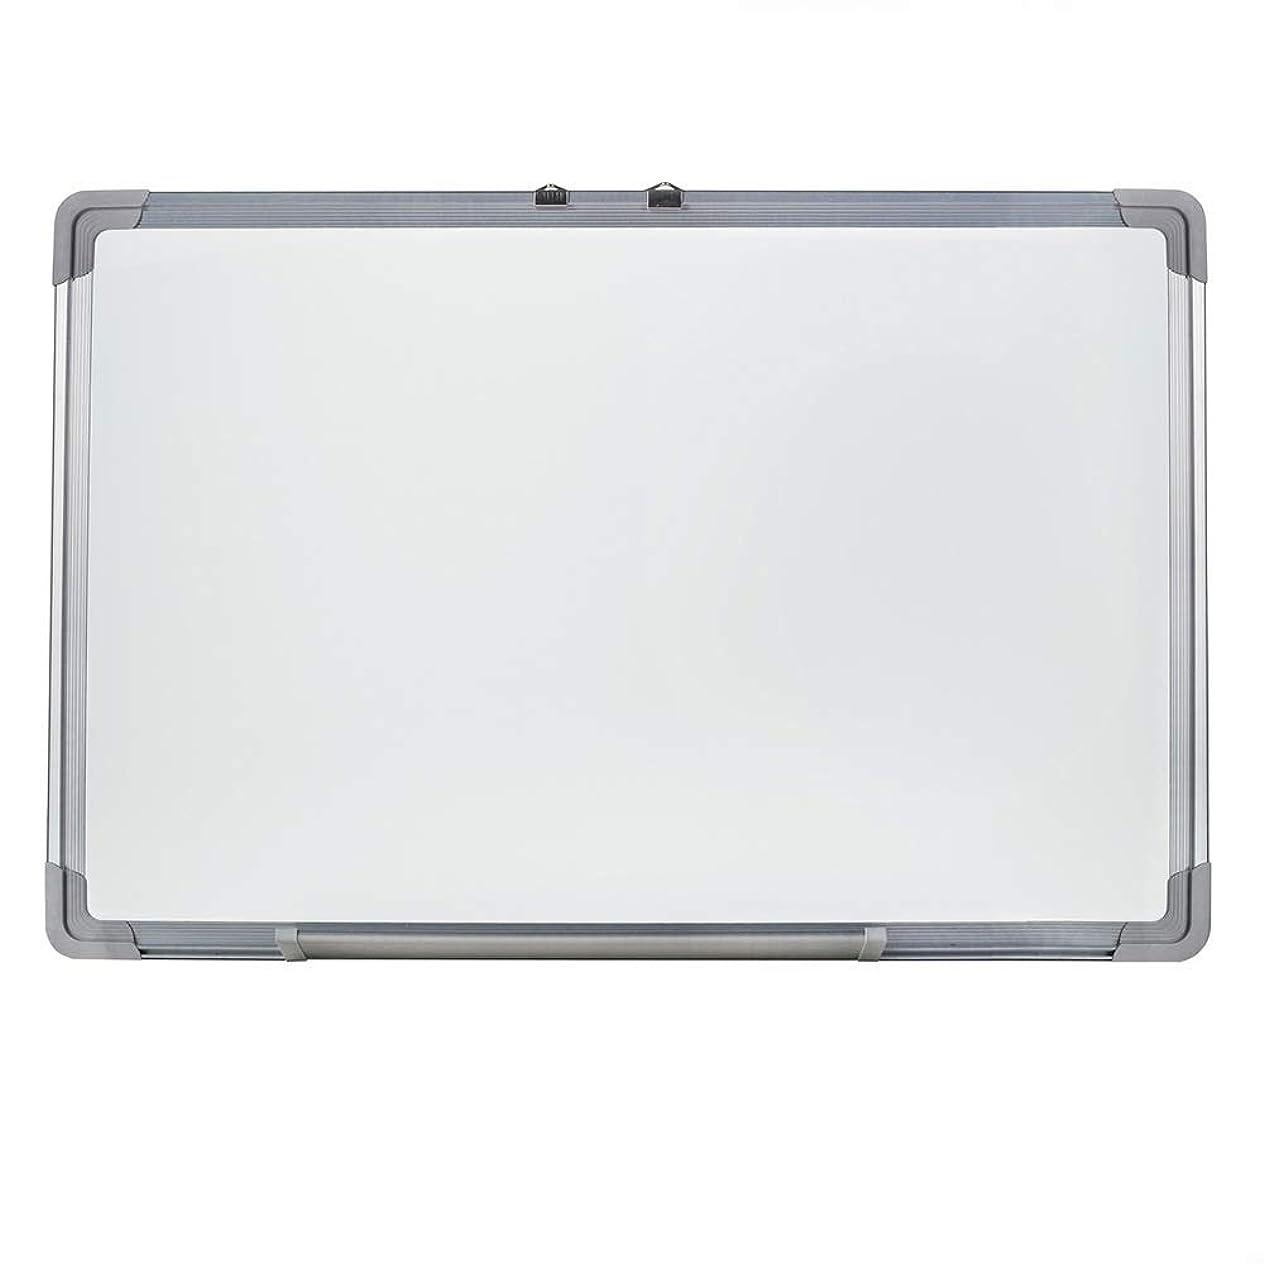 ホットポップハーネスホワイトボード 磁気ドライ消去ボード、23.6 X 35.4インチ、シルバーアルミニウムフレーム 事務用品 オフィス用品 (色 : 白, サイズ : 60x90cm)